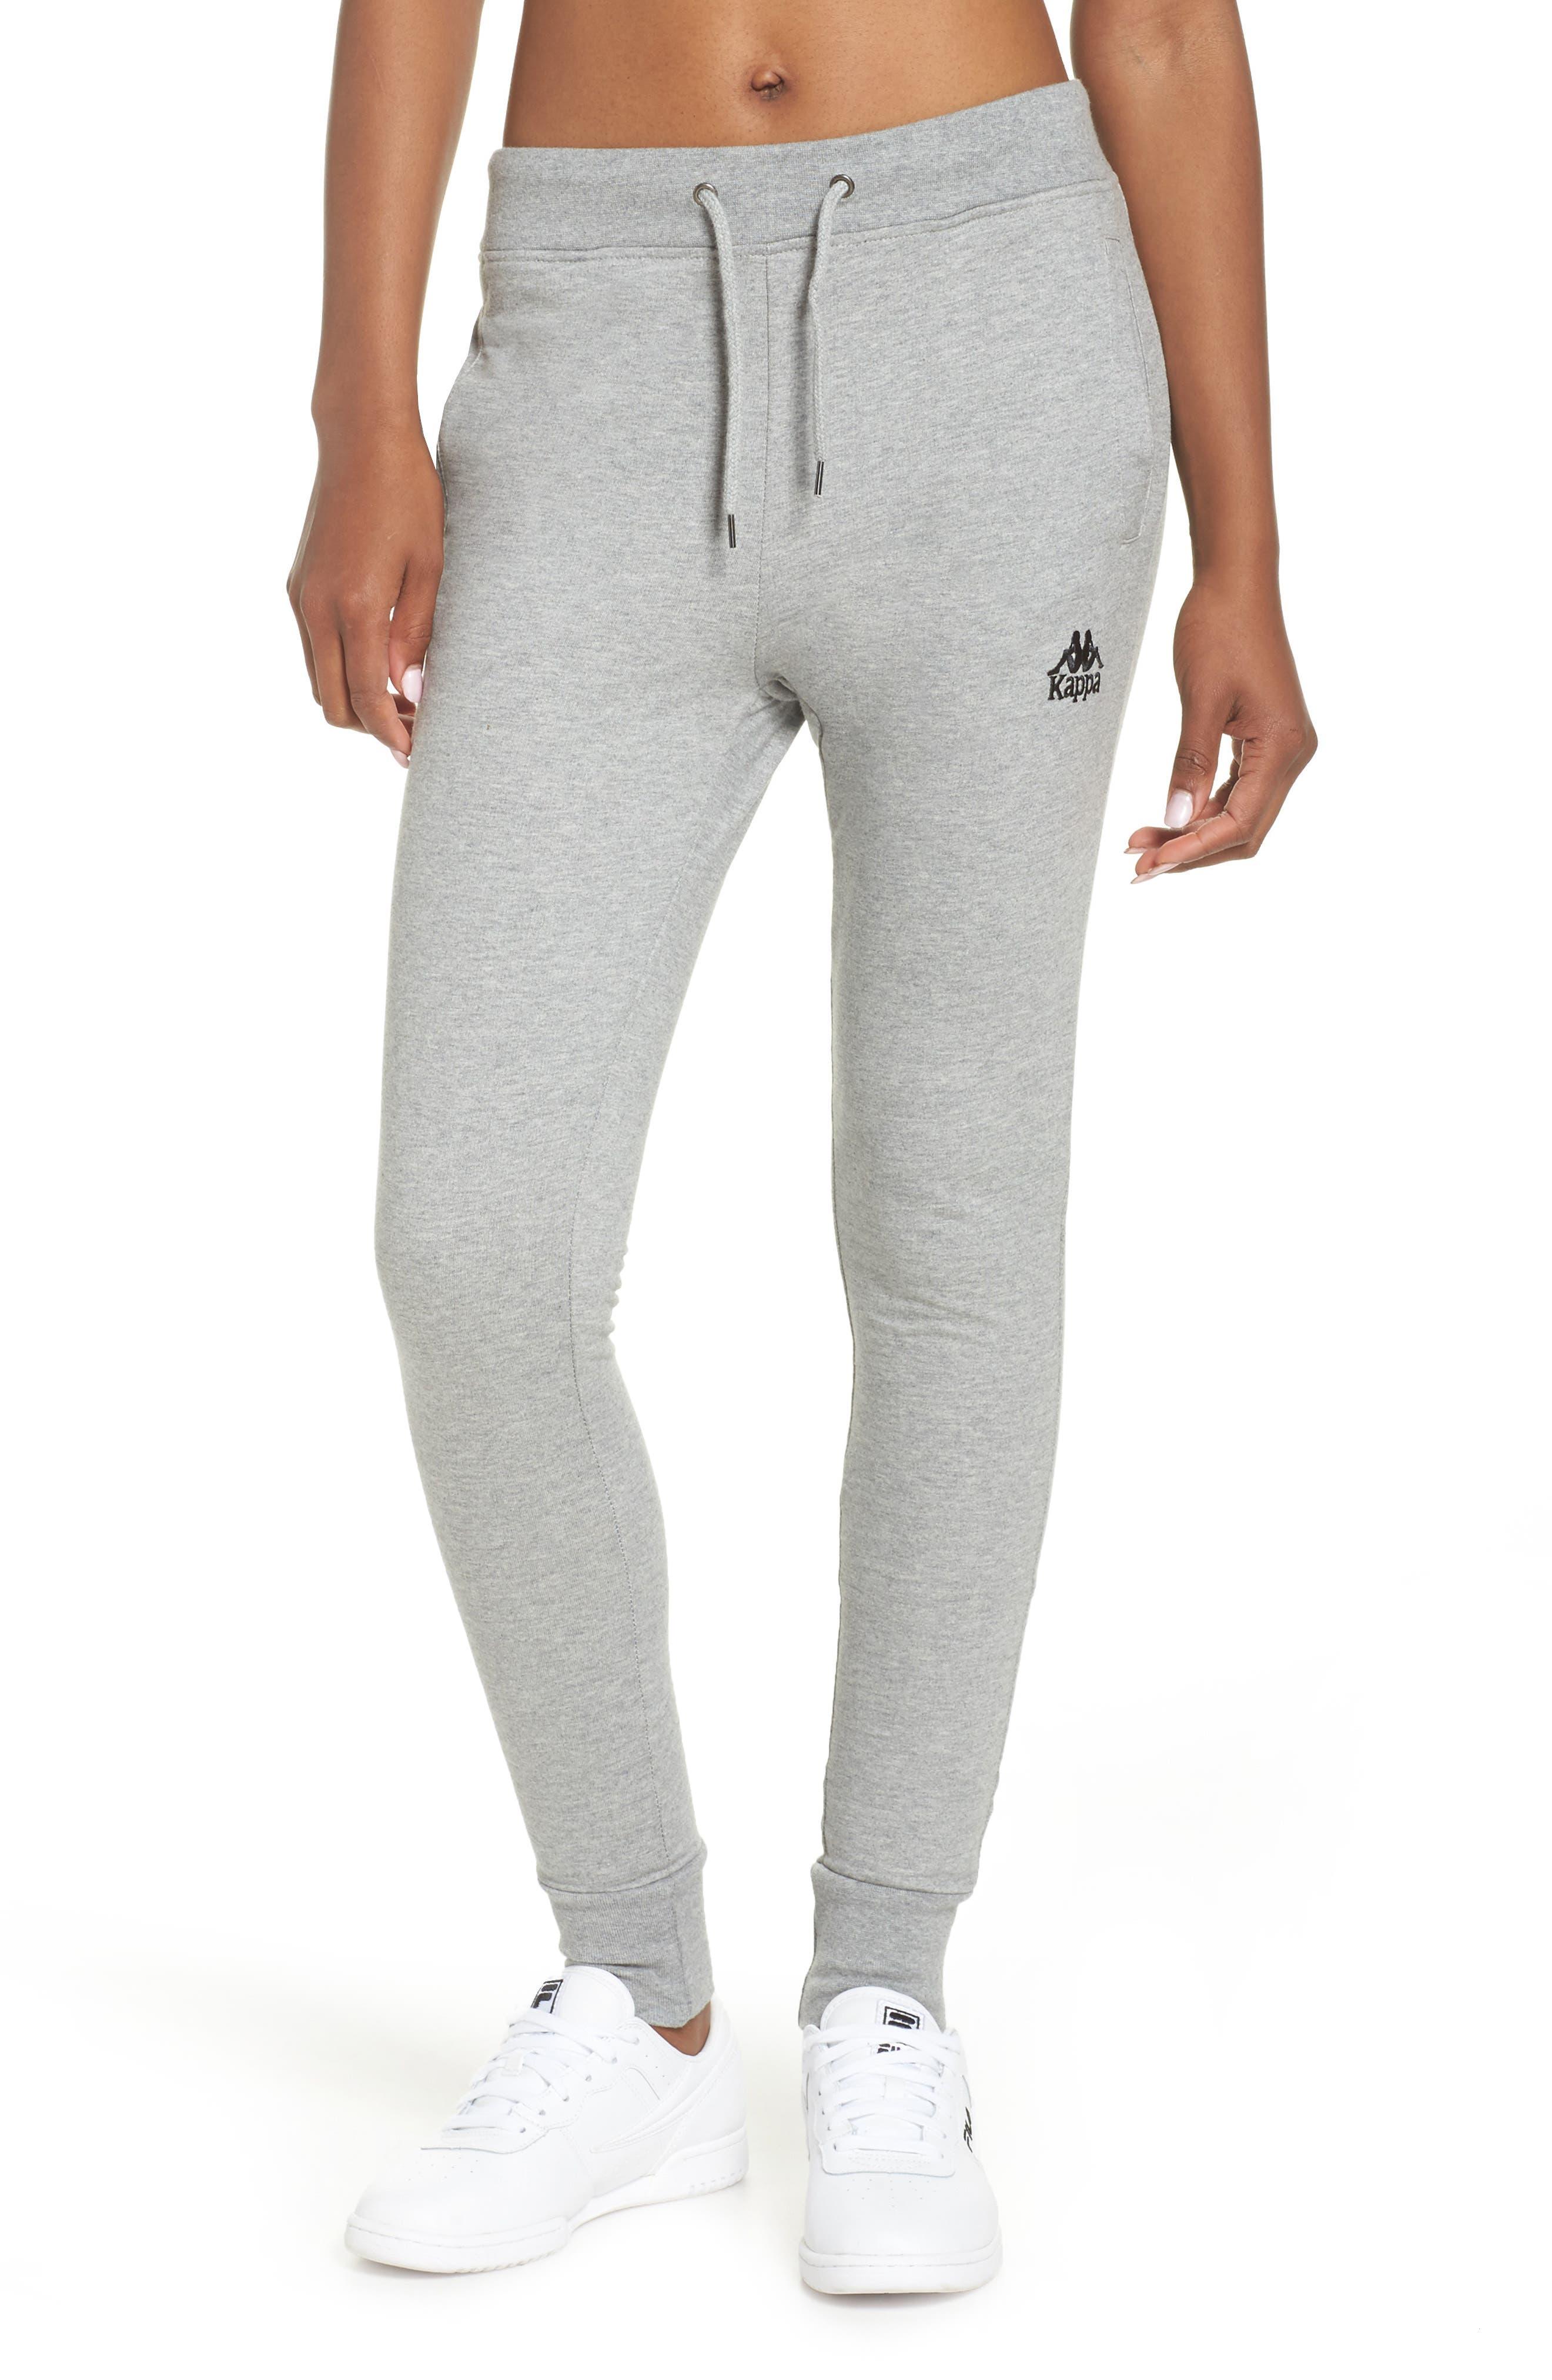 Authentic Cresta Slim Fit Sweatpants,                             Main thumbnail 1, color,                             Grey